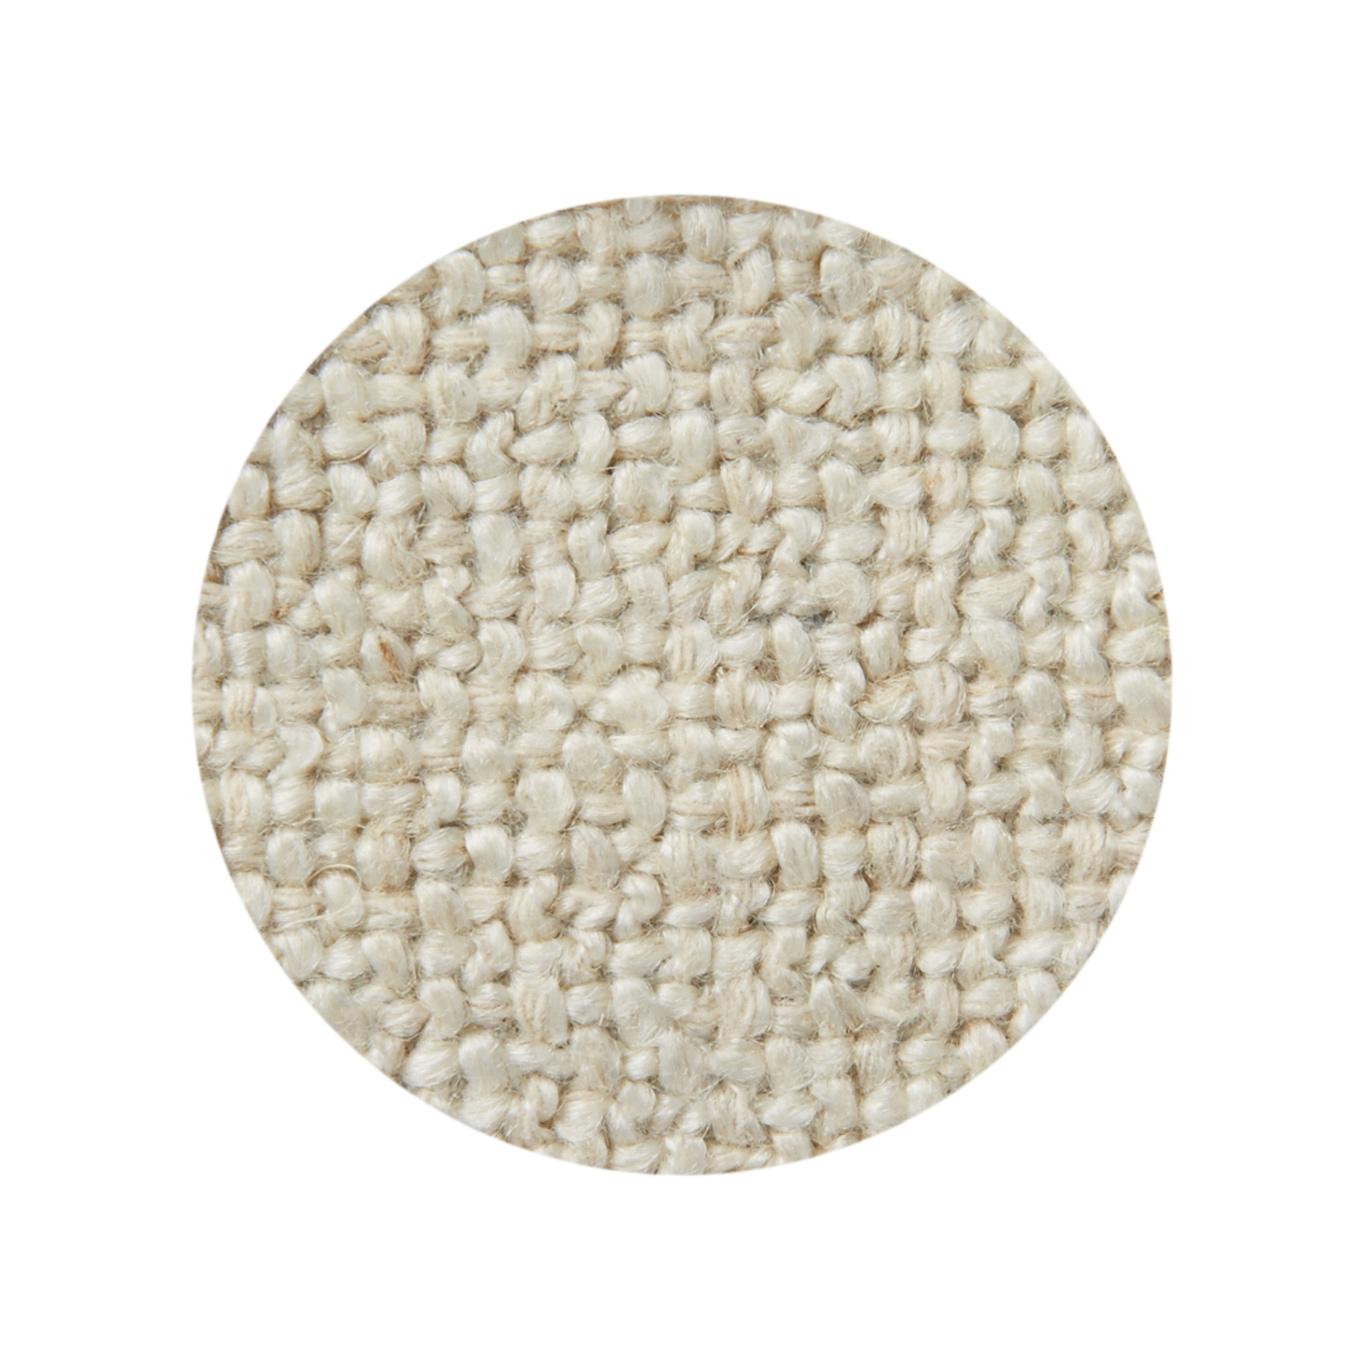 Pebble Weave - Oatmeal